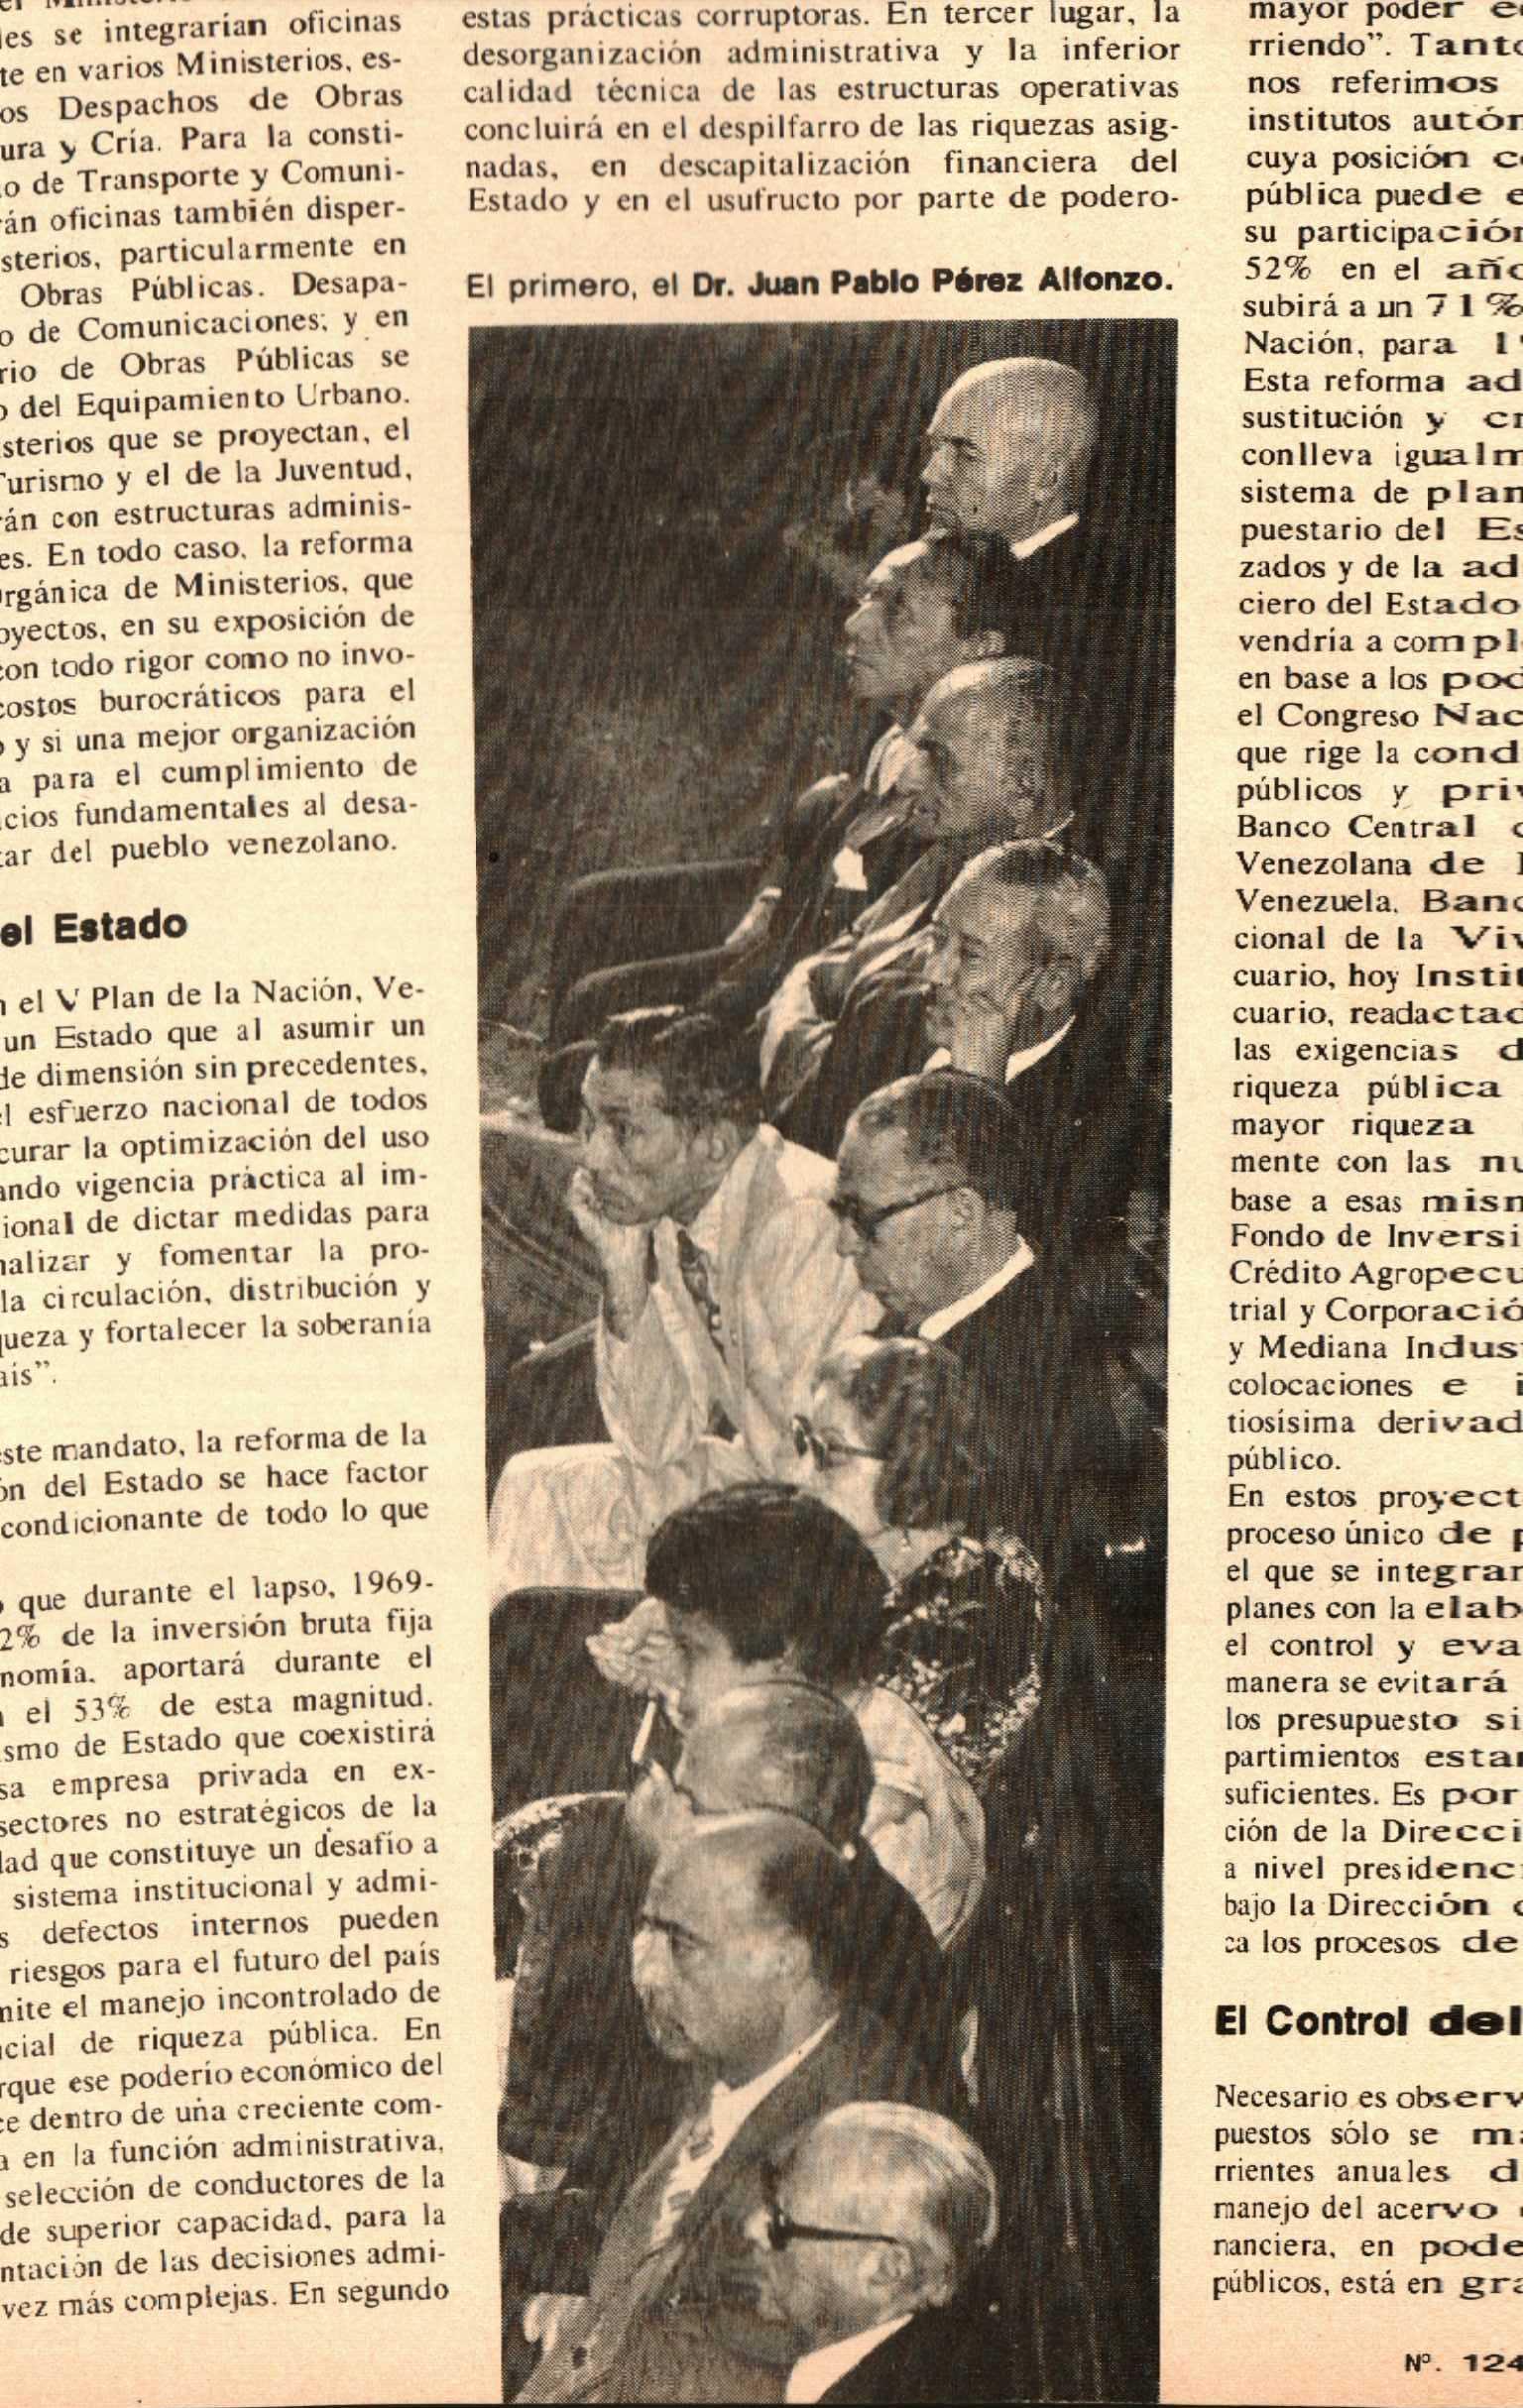 Lbarragan blogspot comResumen 1976